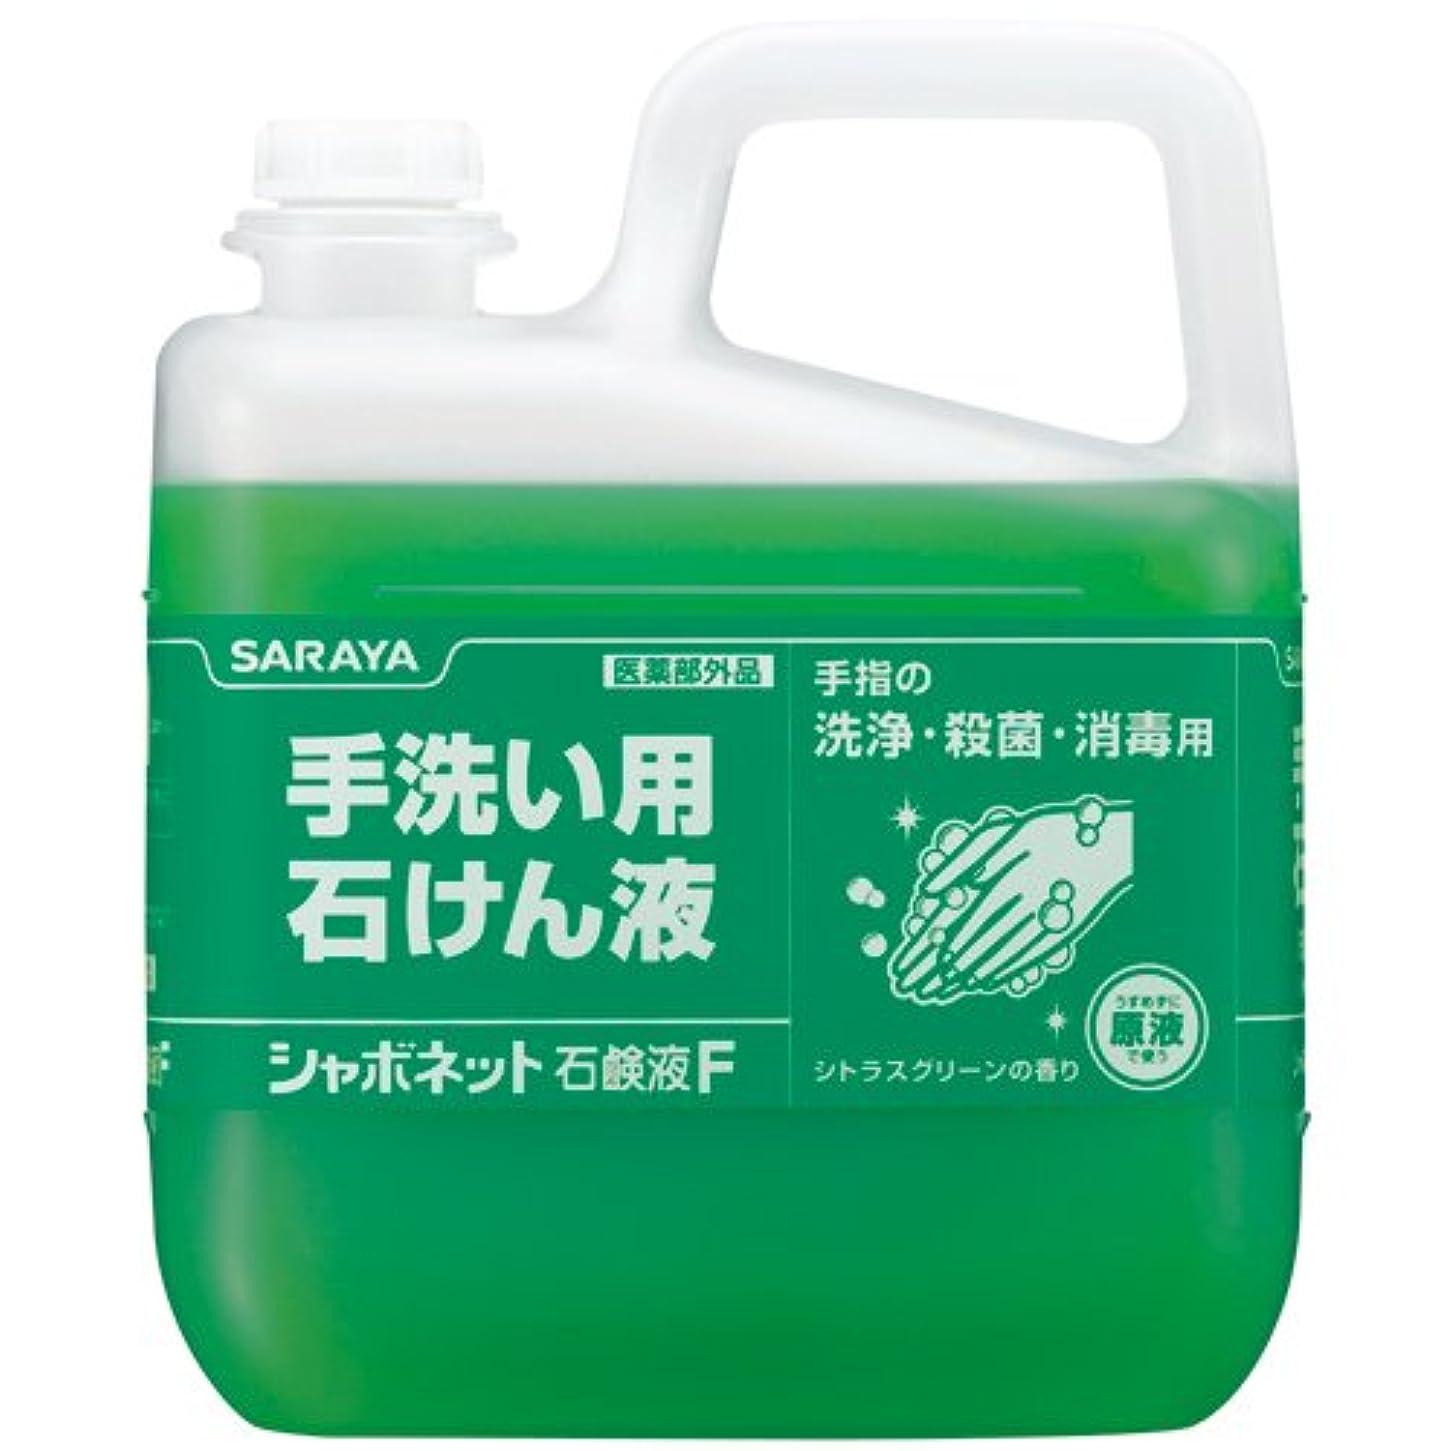 ほかに容器居眠りするサラヤ シャボネット 石鹸液 業務用 5kg